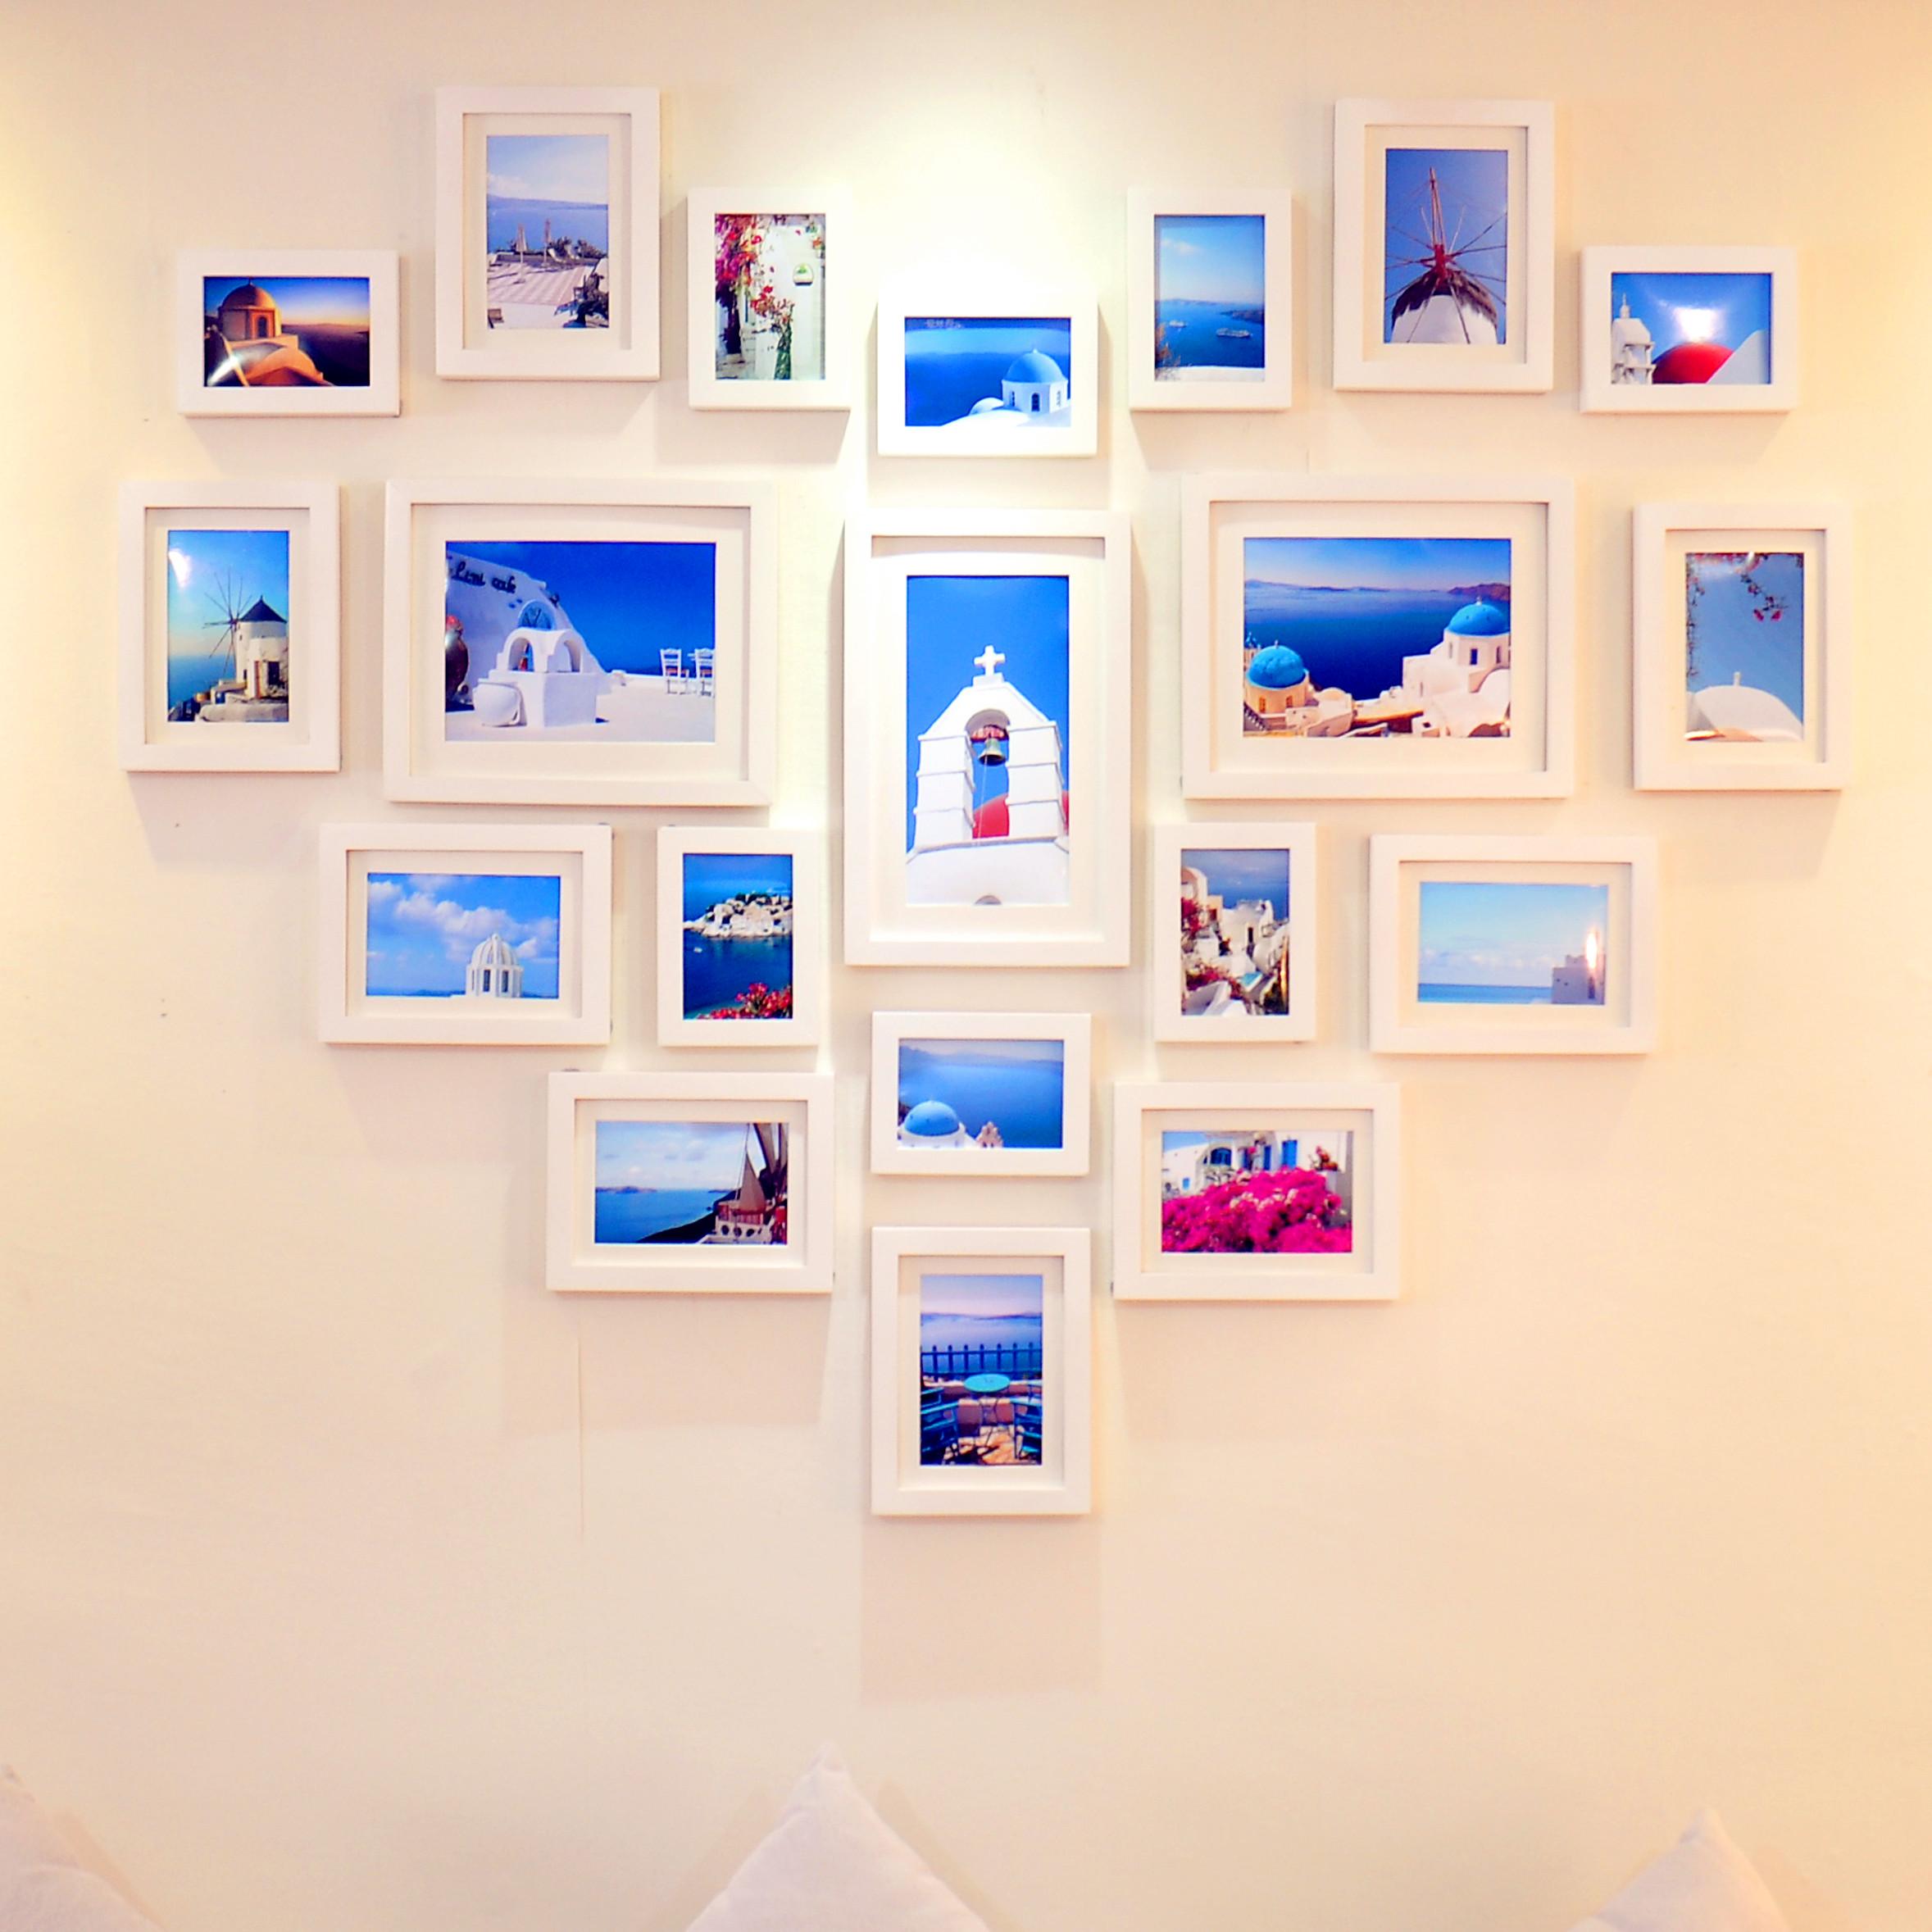 как понятно как красиво оформить стену фотографиями для перевозки сырой